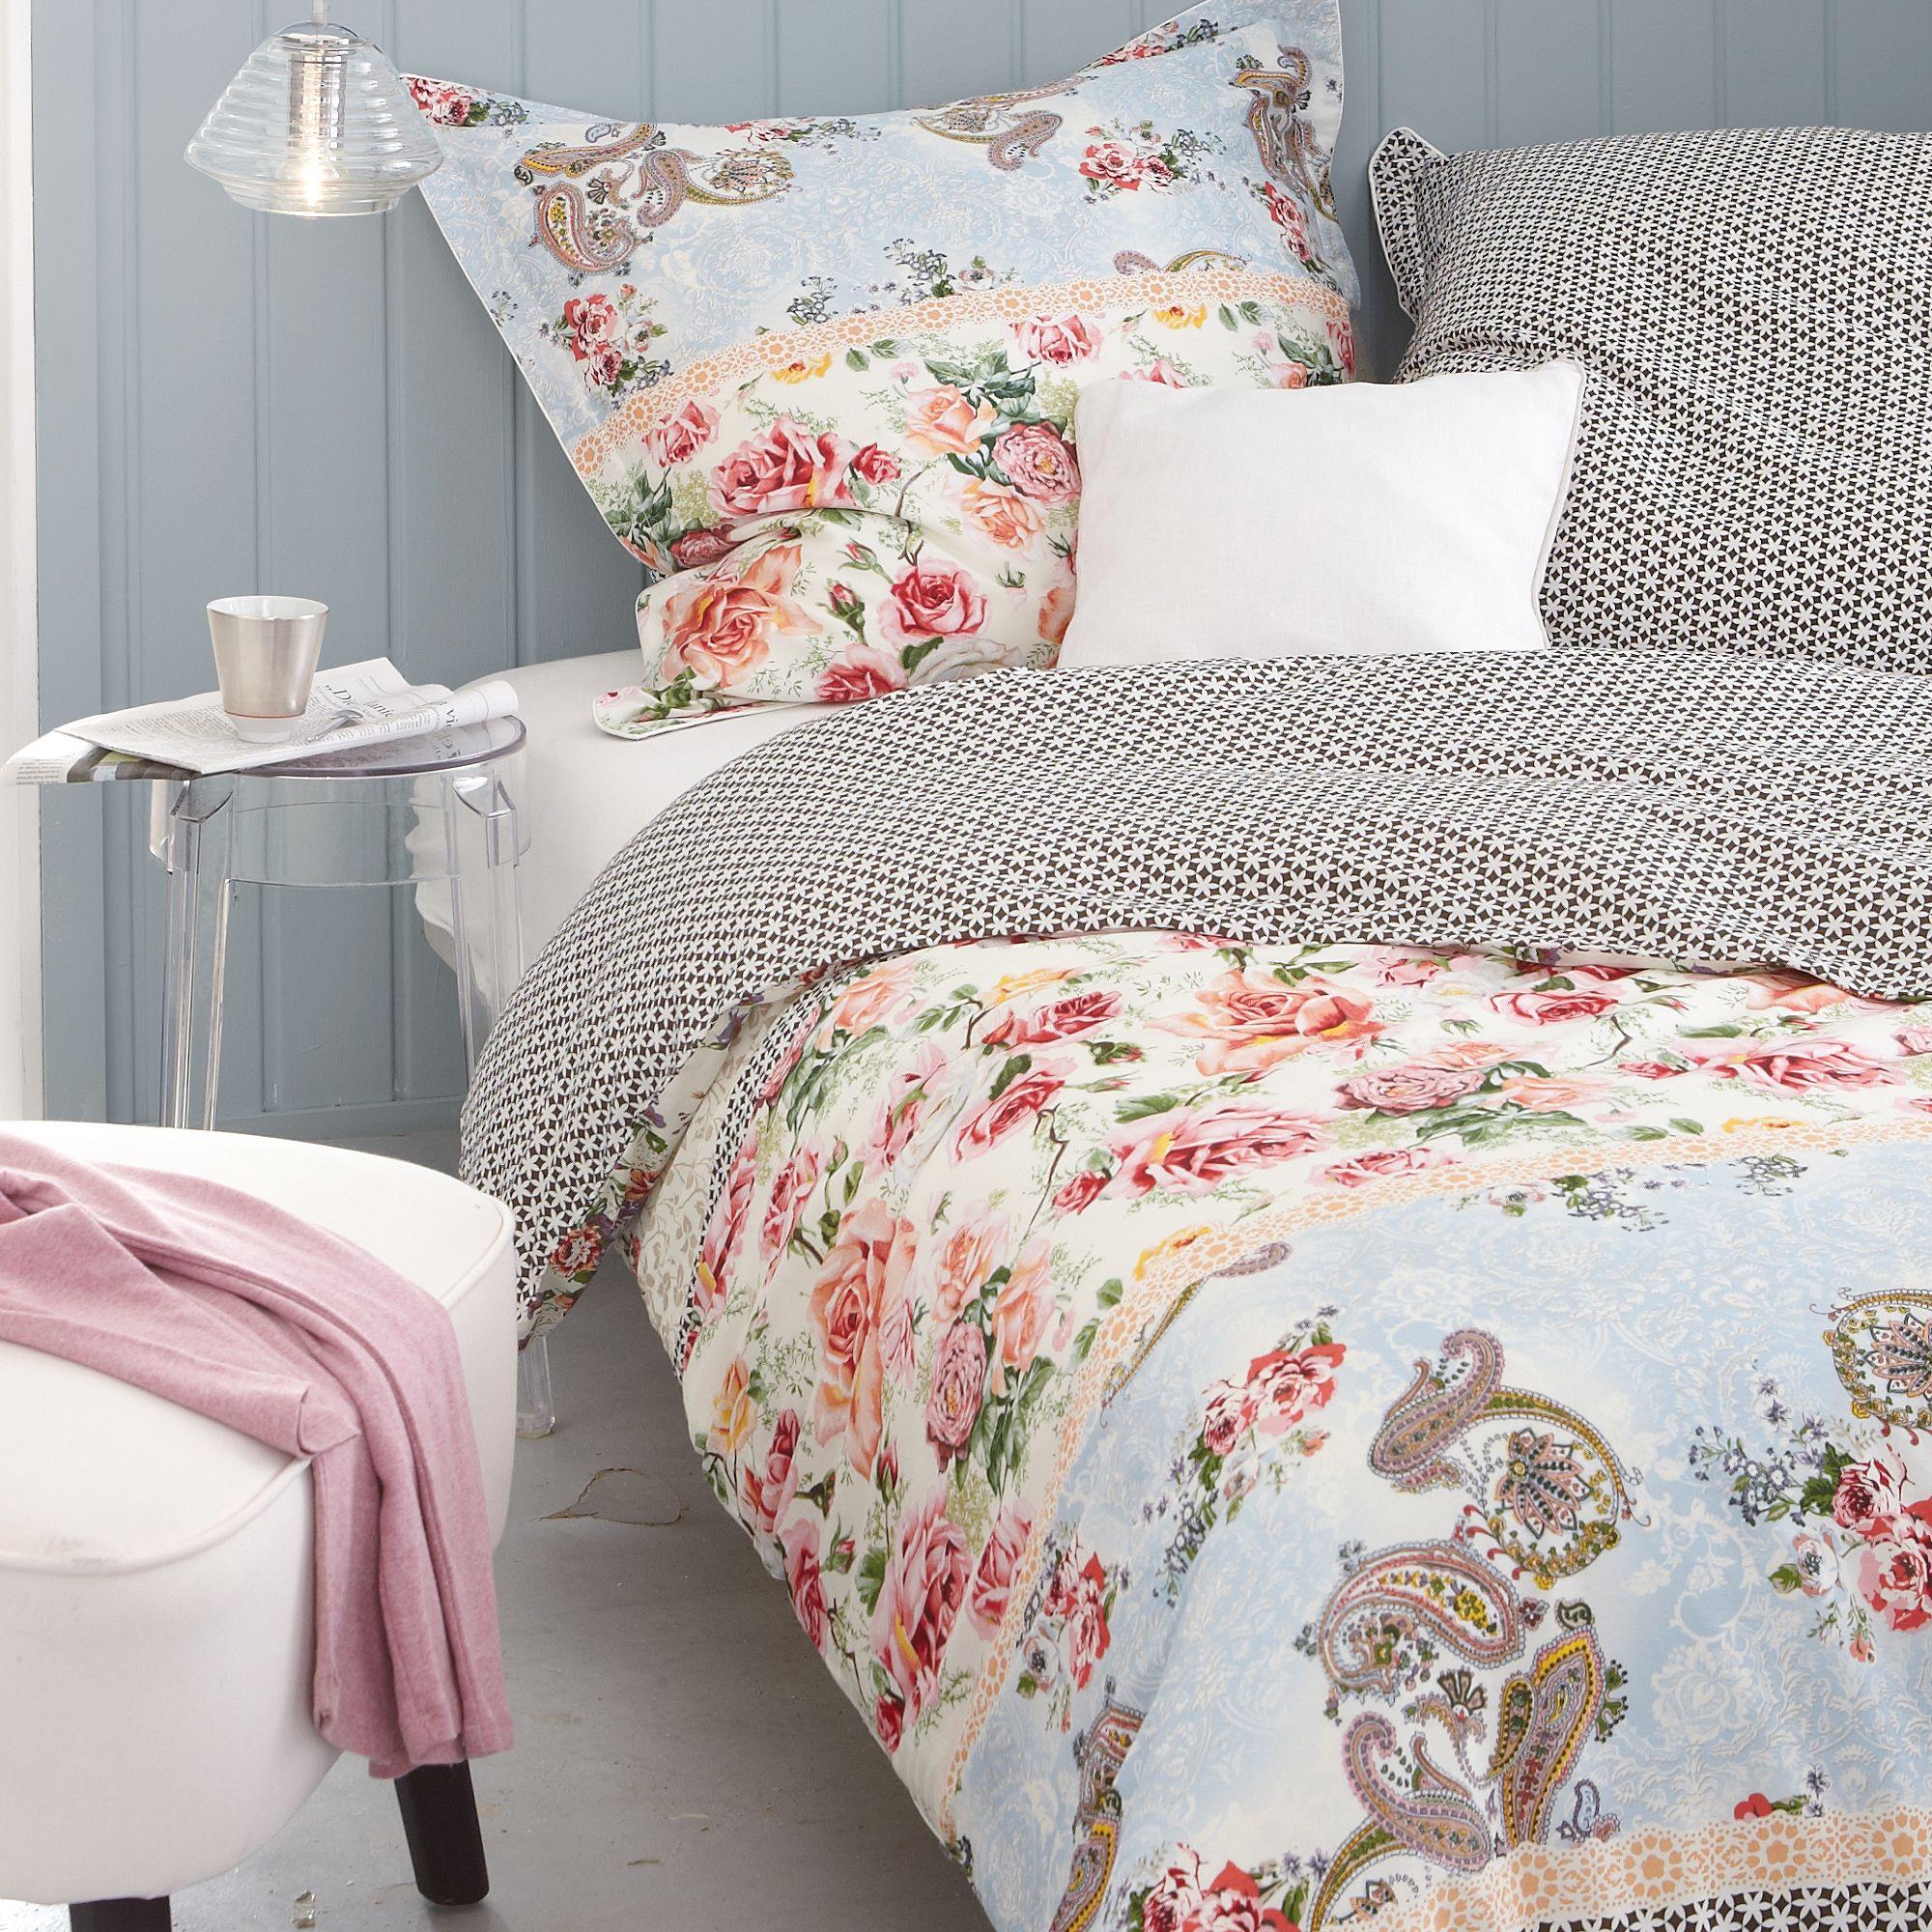 Romantische Bettwäsche Essenza Mit Blumenprint Beautiful Bedding